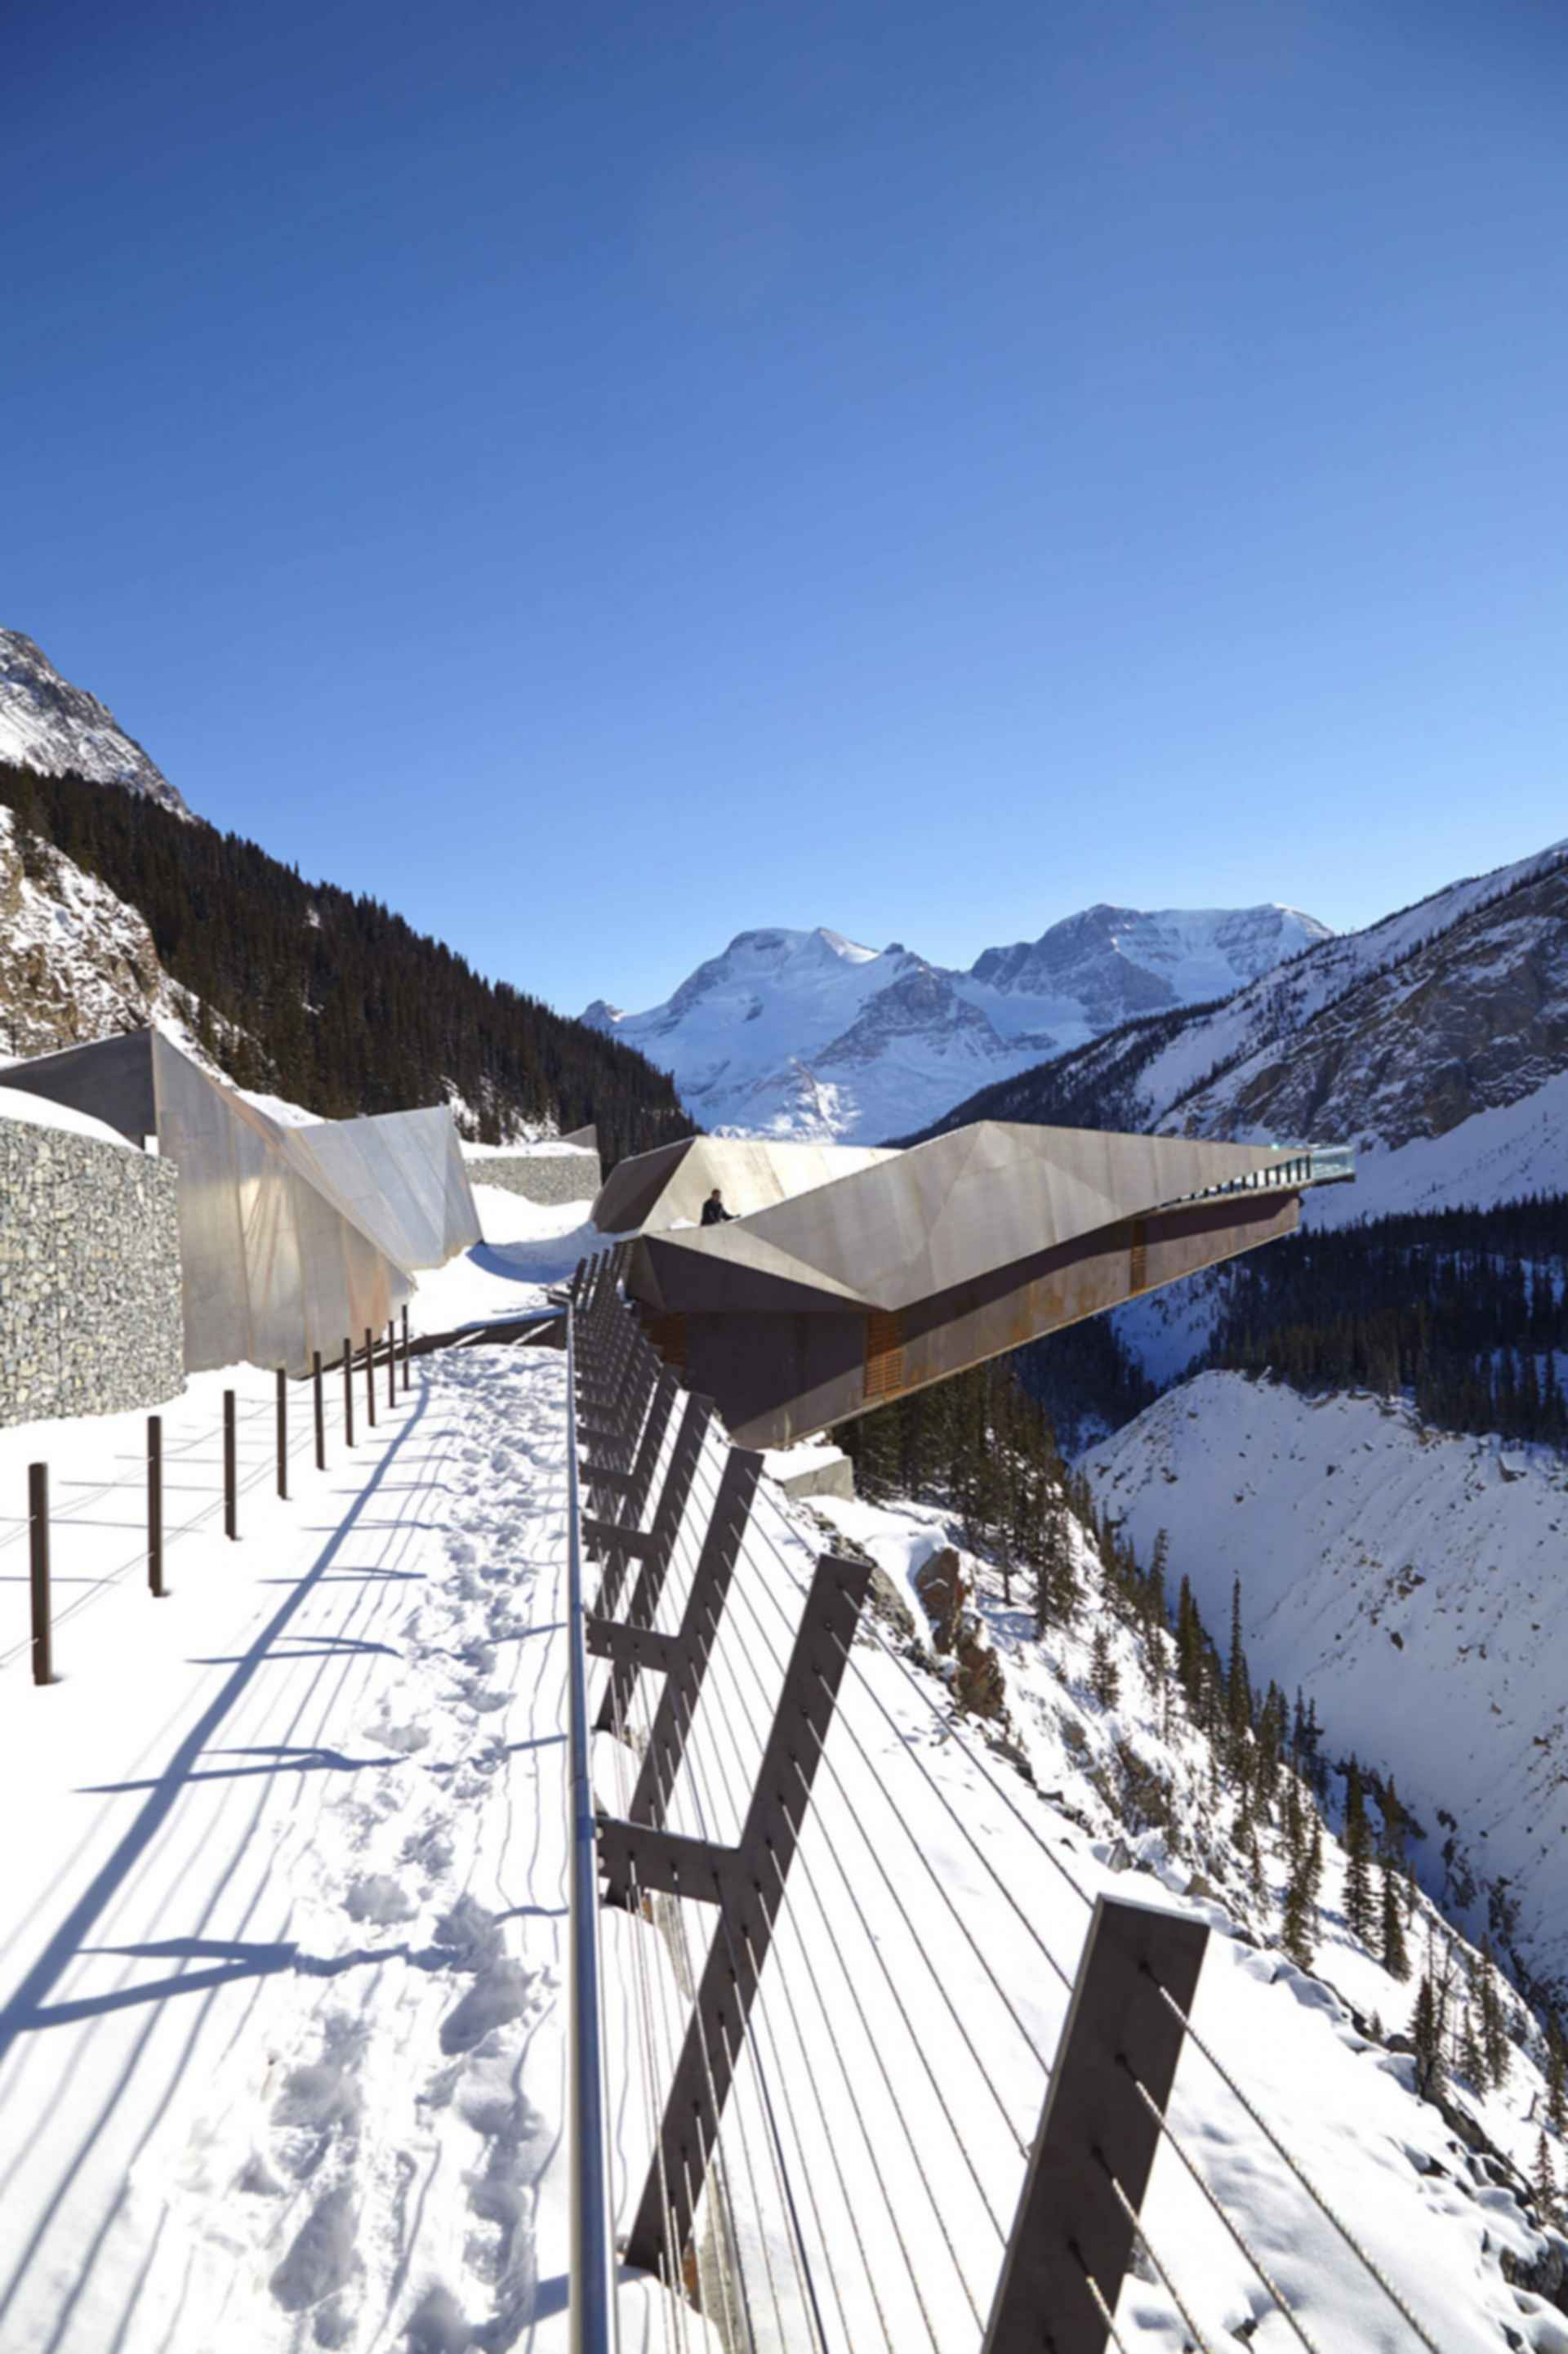 The Glacier Skywalk